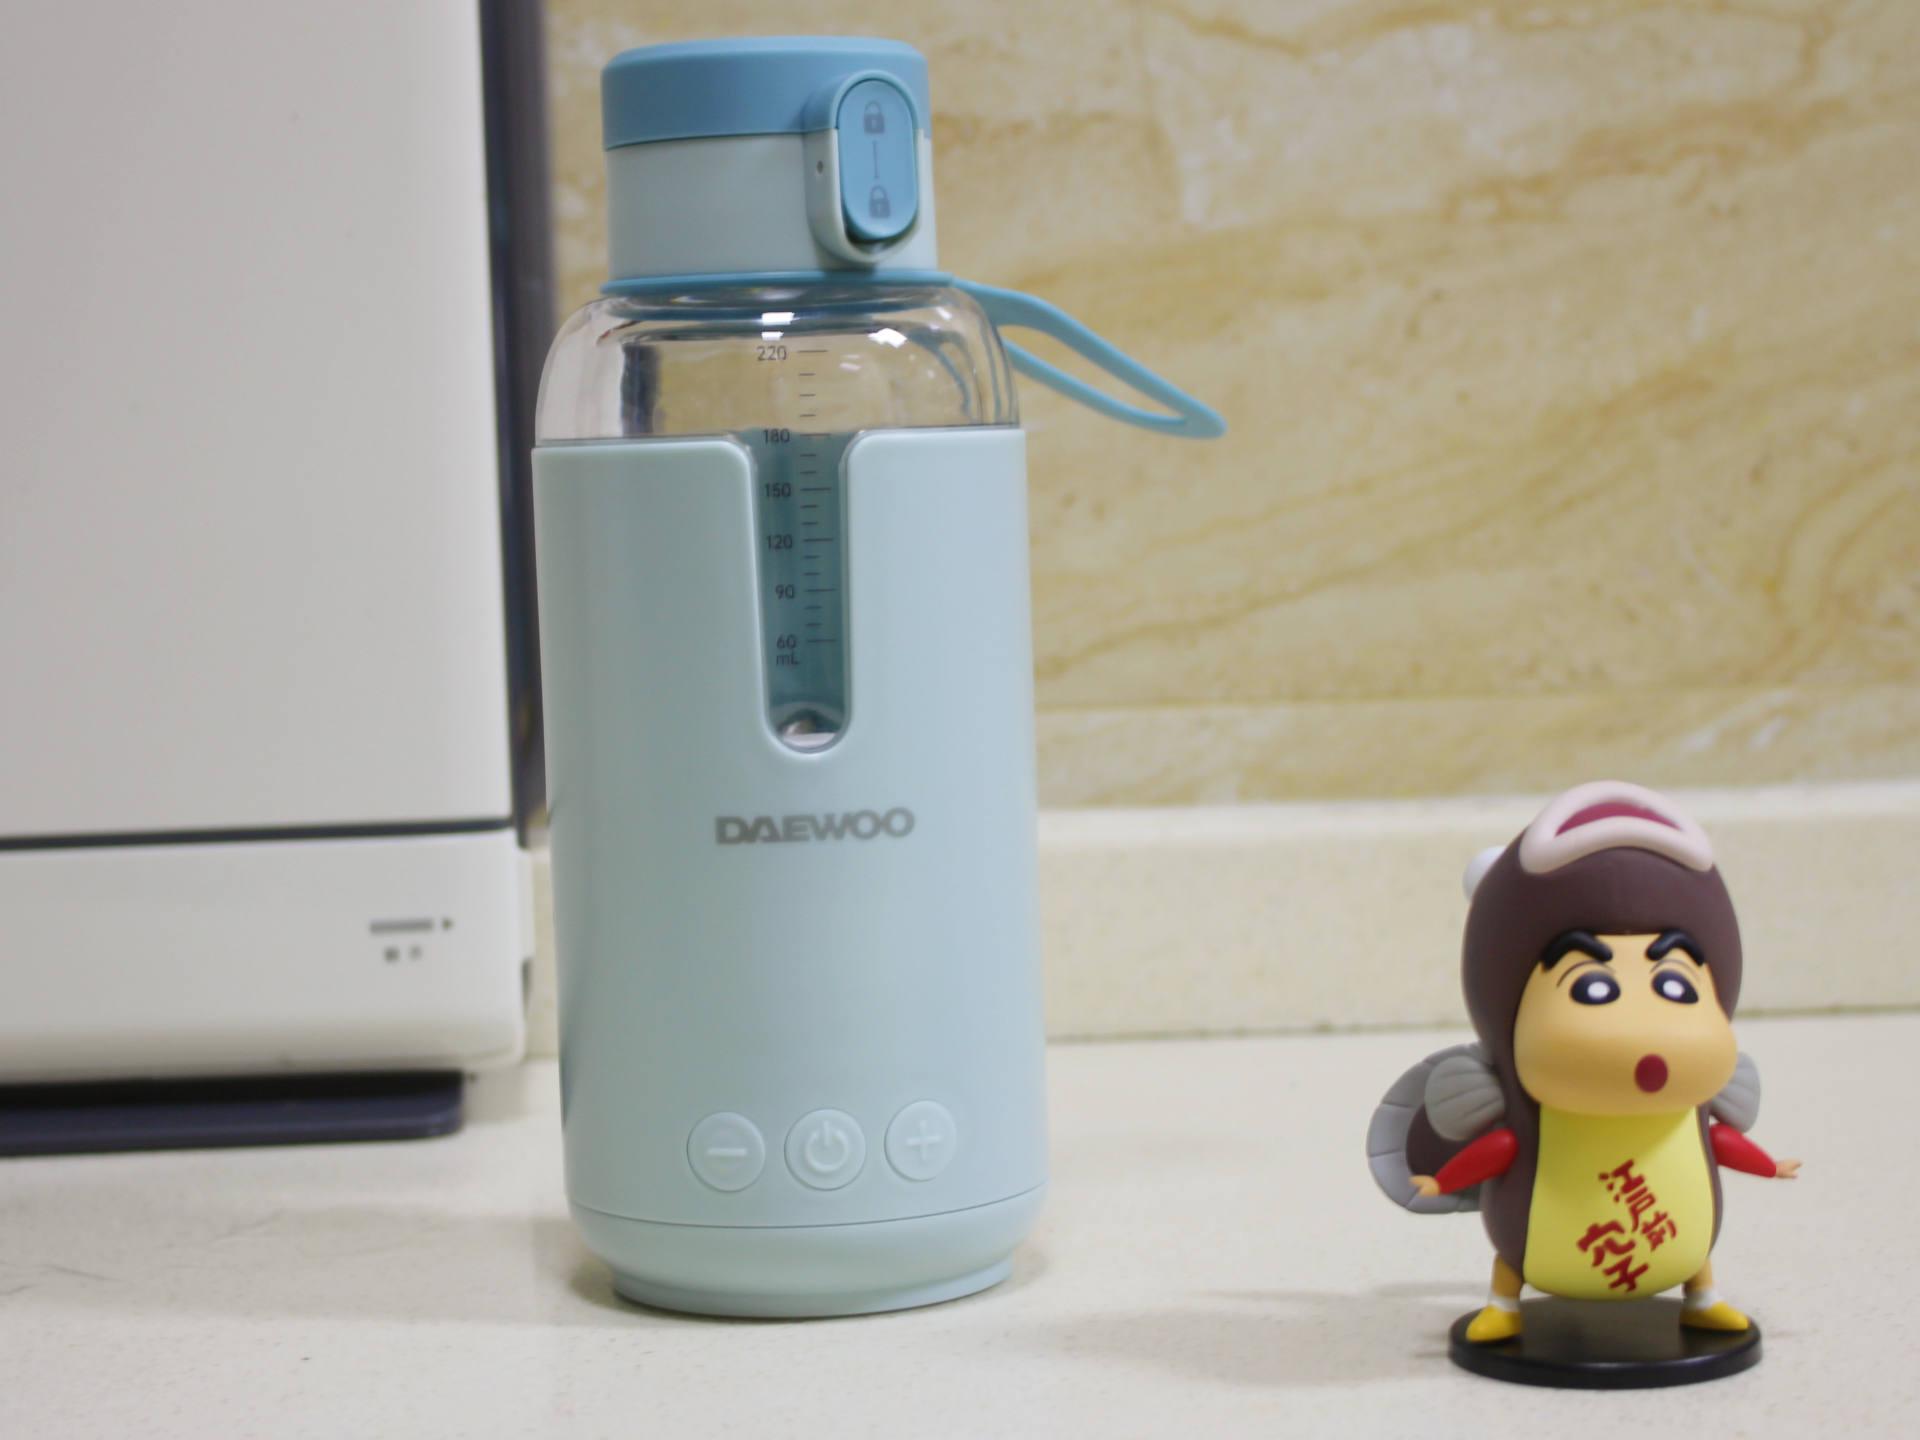 大宇便攜調奶器:隨時隨地給你恰如其分的溫暖